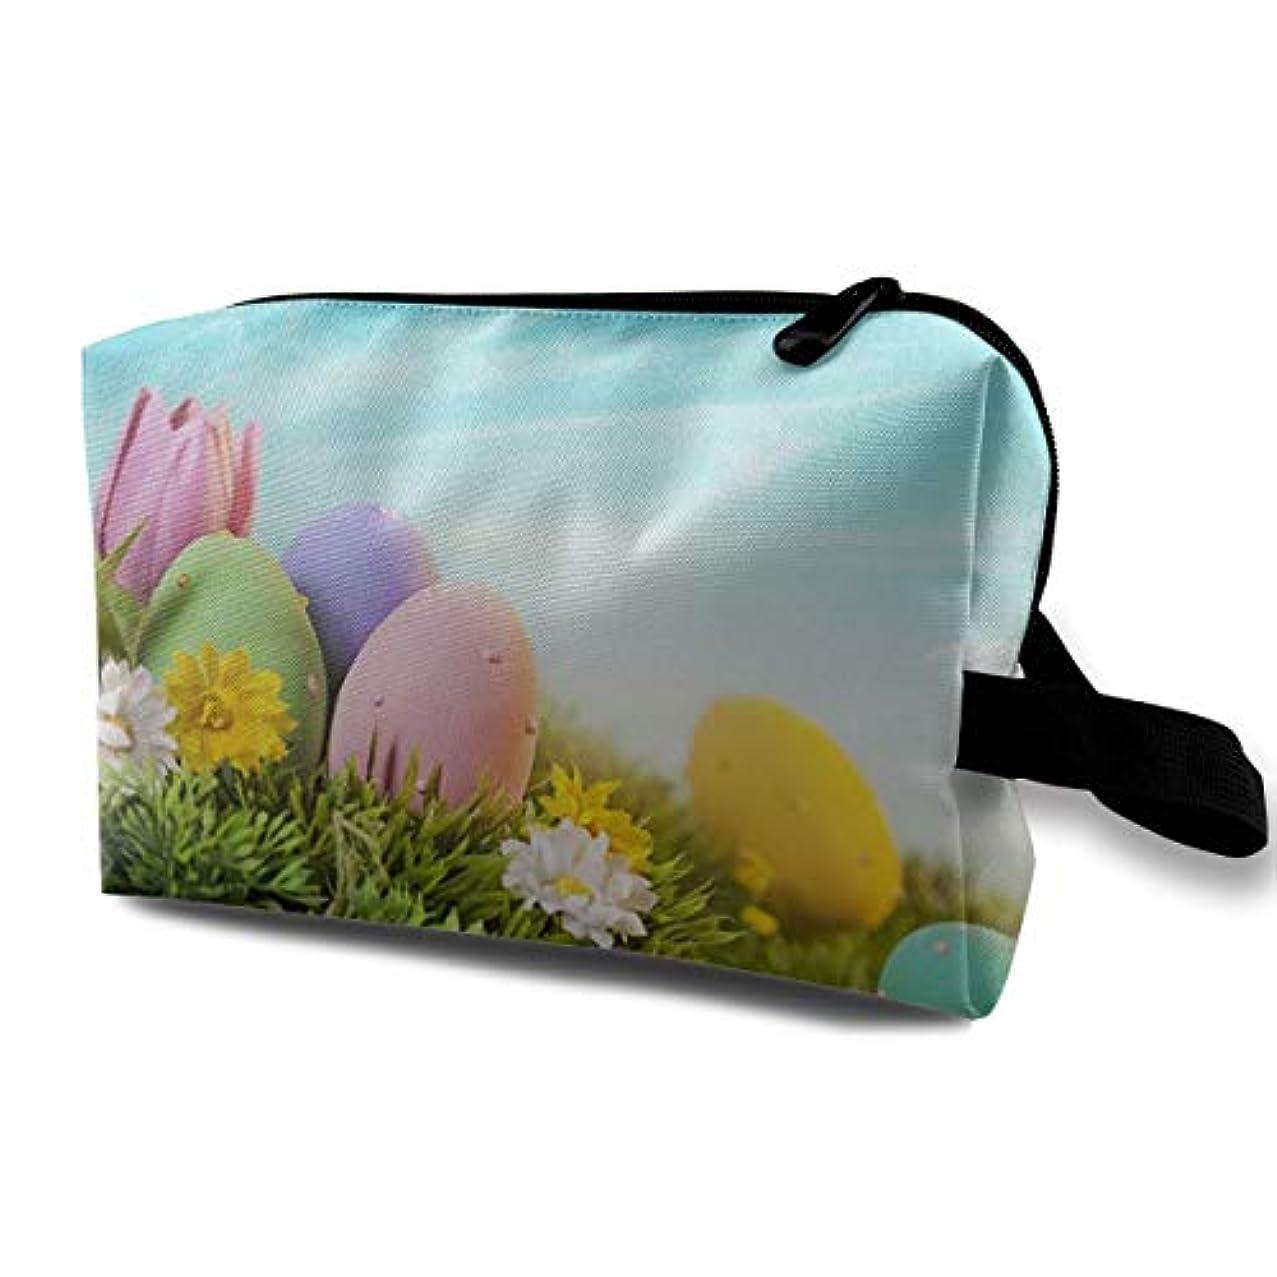 取り除く表現悲鳴Green Grass Eggs Wrinkle 収納ポーチ 化粧ポーチ 大容量 軽量 耐久性 ハンドル付持ち運び便利。入れ 自宅?出張?旅行?アウトドア撮影などに対応。メンズ レディース トラベルグッズ